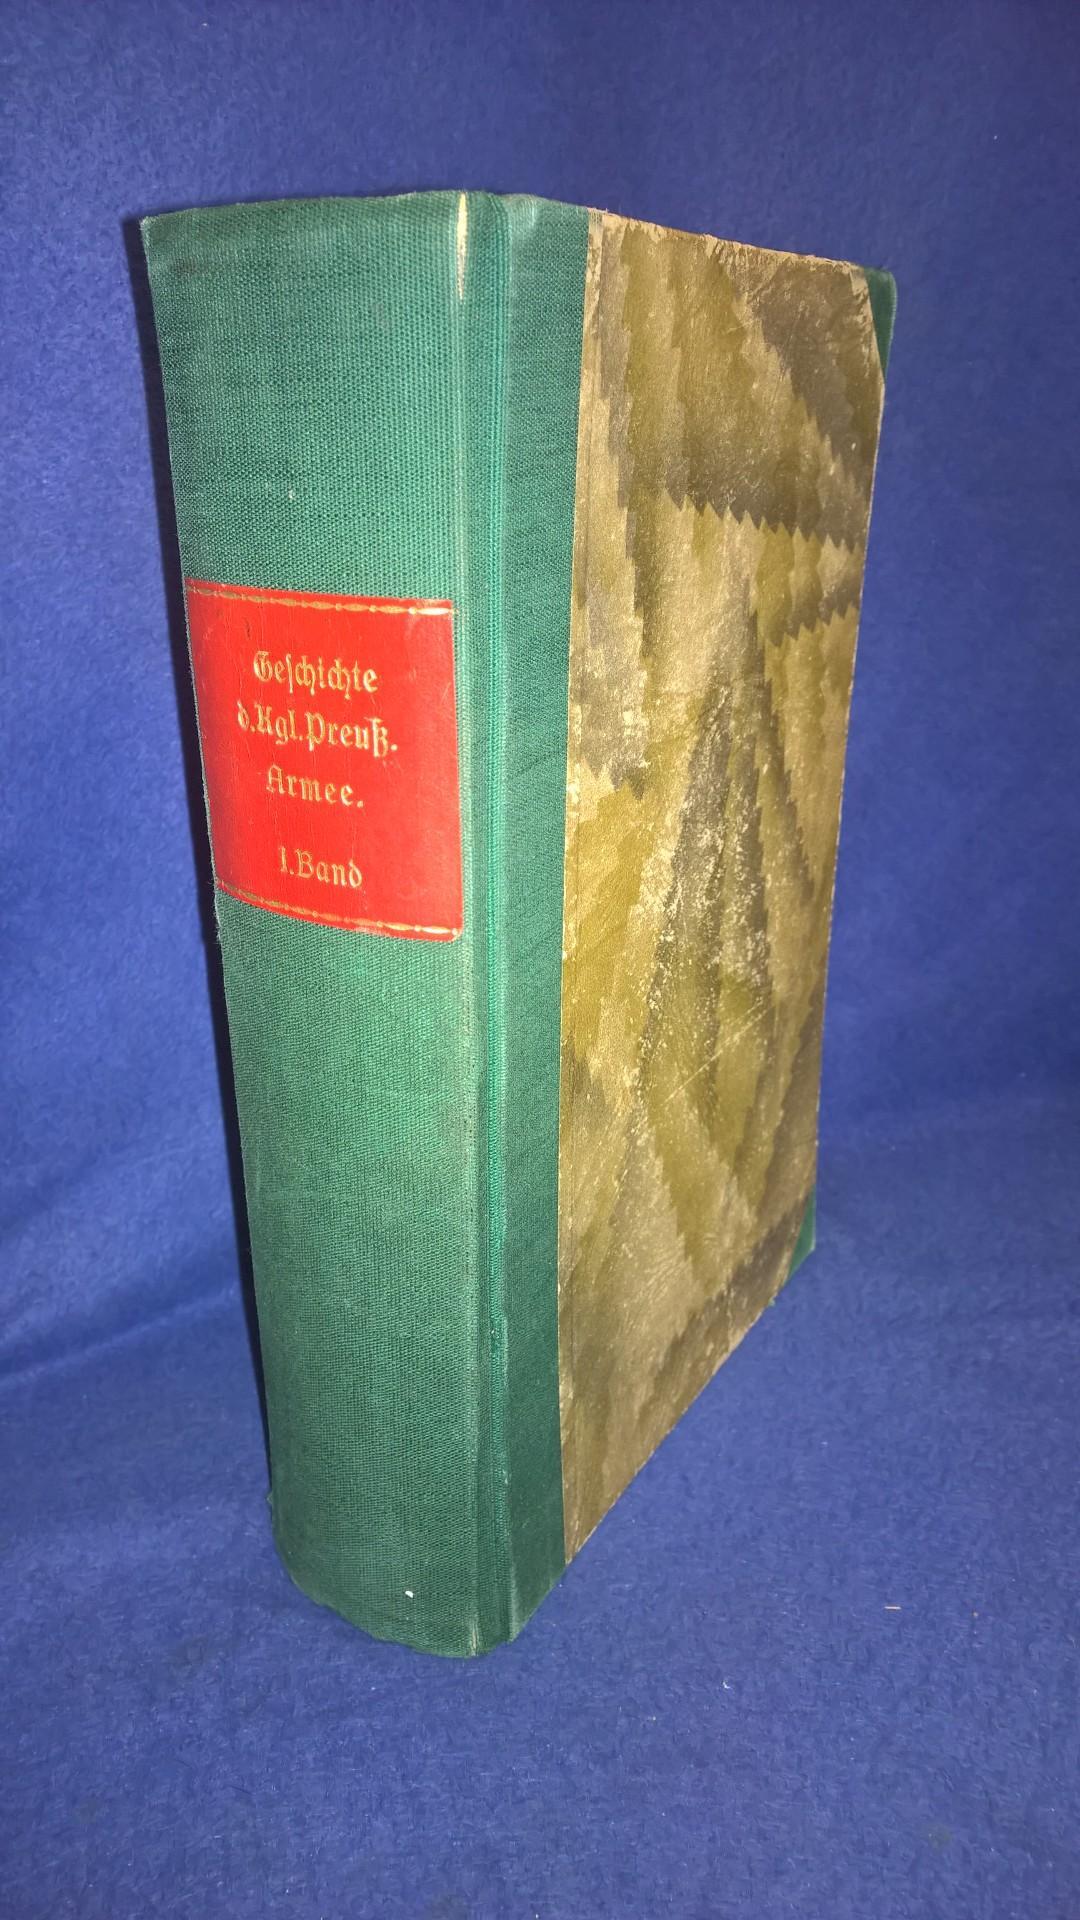 Rarität!  Geschichte der Königlich Preußischen Armee bis zum Jahre 1807, Band 1: Von den Anfängen bis 1740. Sehr seltene Orginal-Ausgabe von 1928.